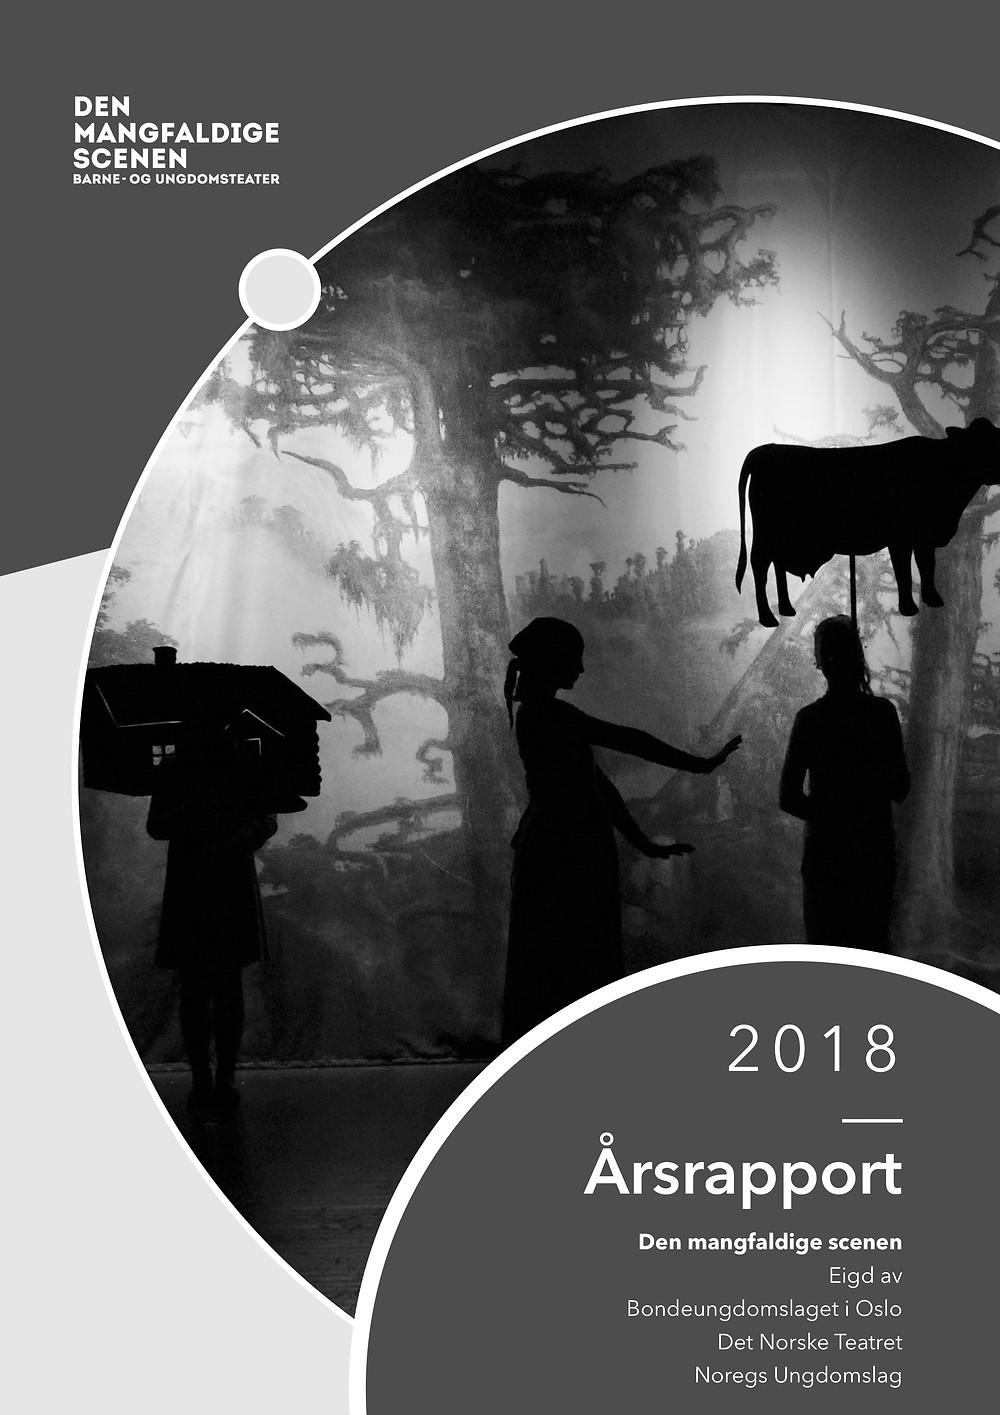 Årsrapport frå Den mangfaldige scenen 2018